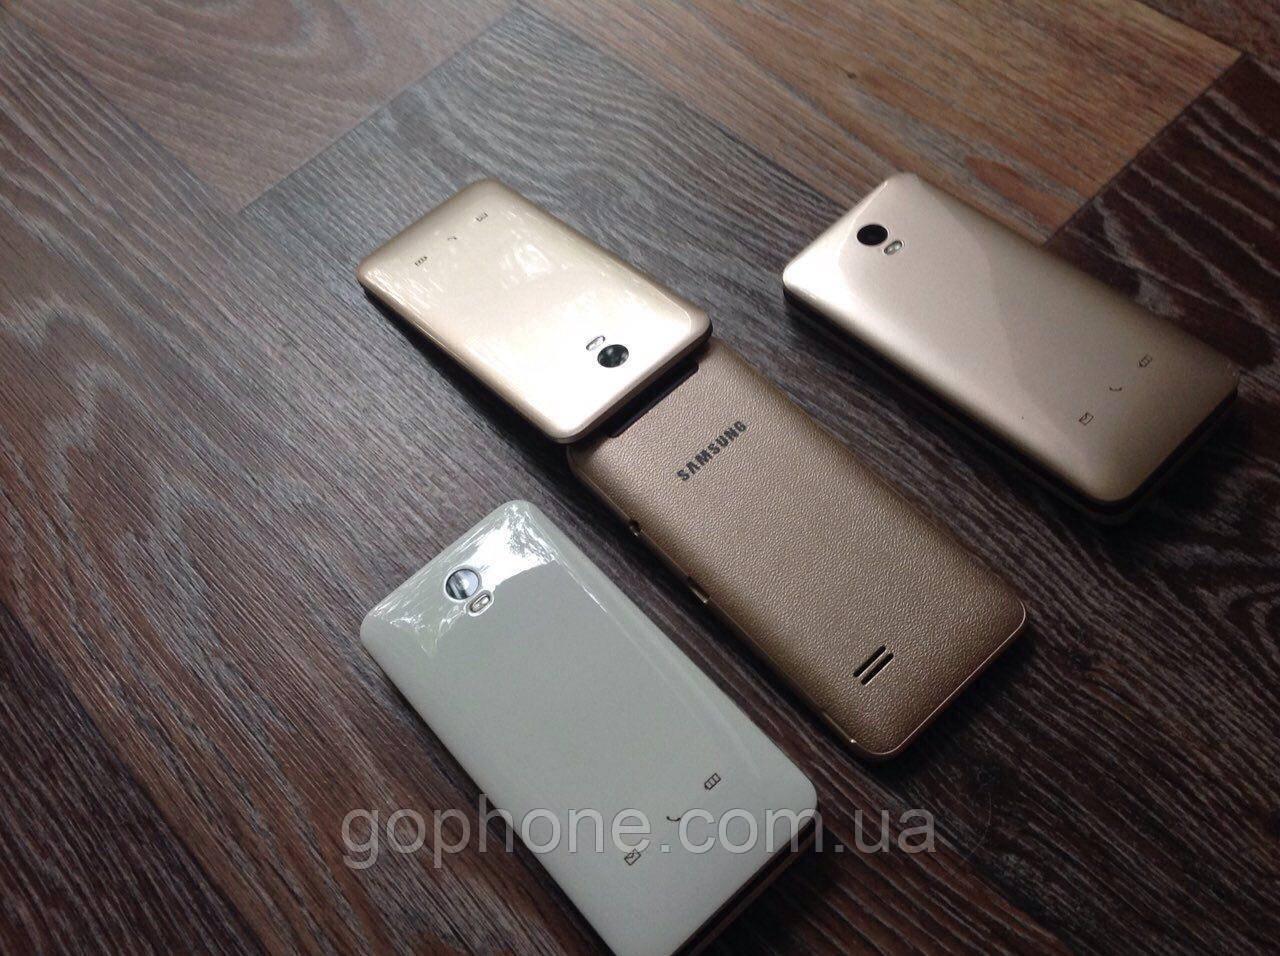 Мобильный телефон раскладушка Samsung T390 DualSim/FM/Камера